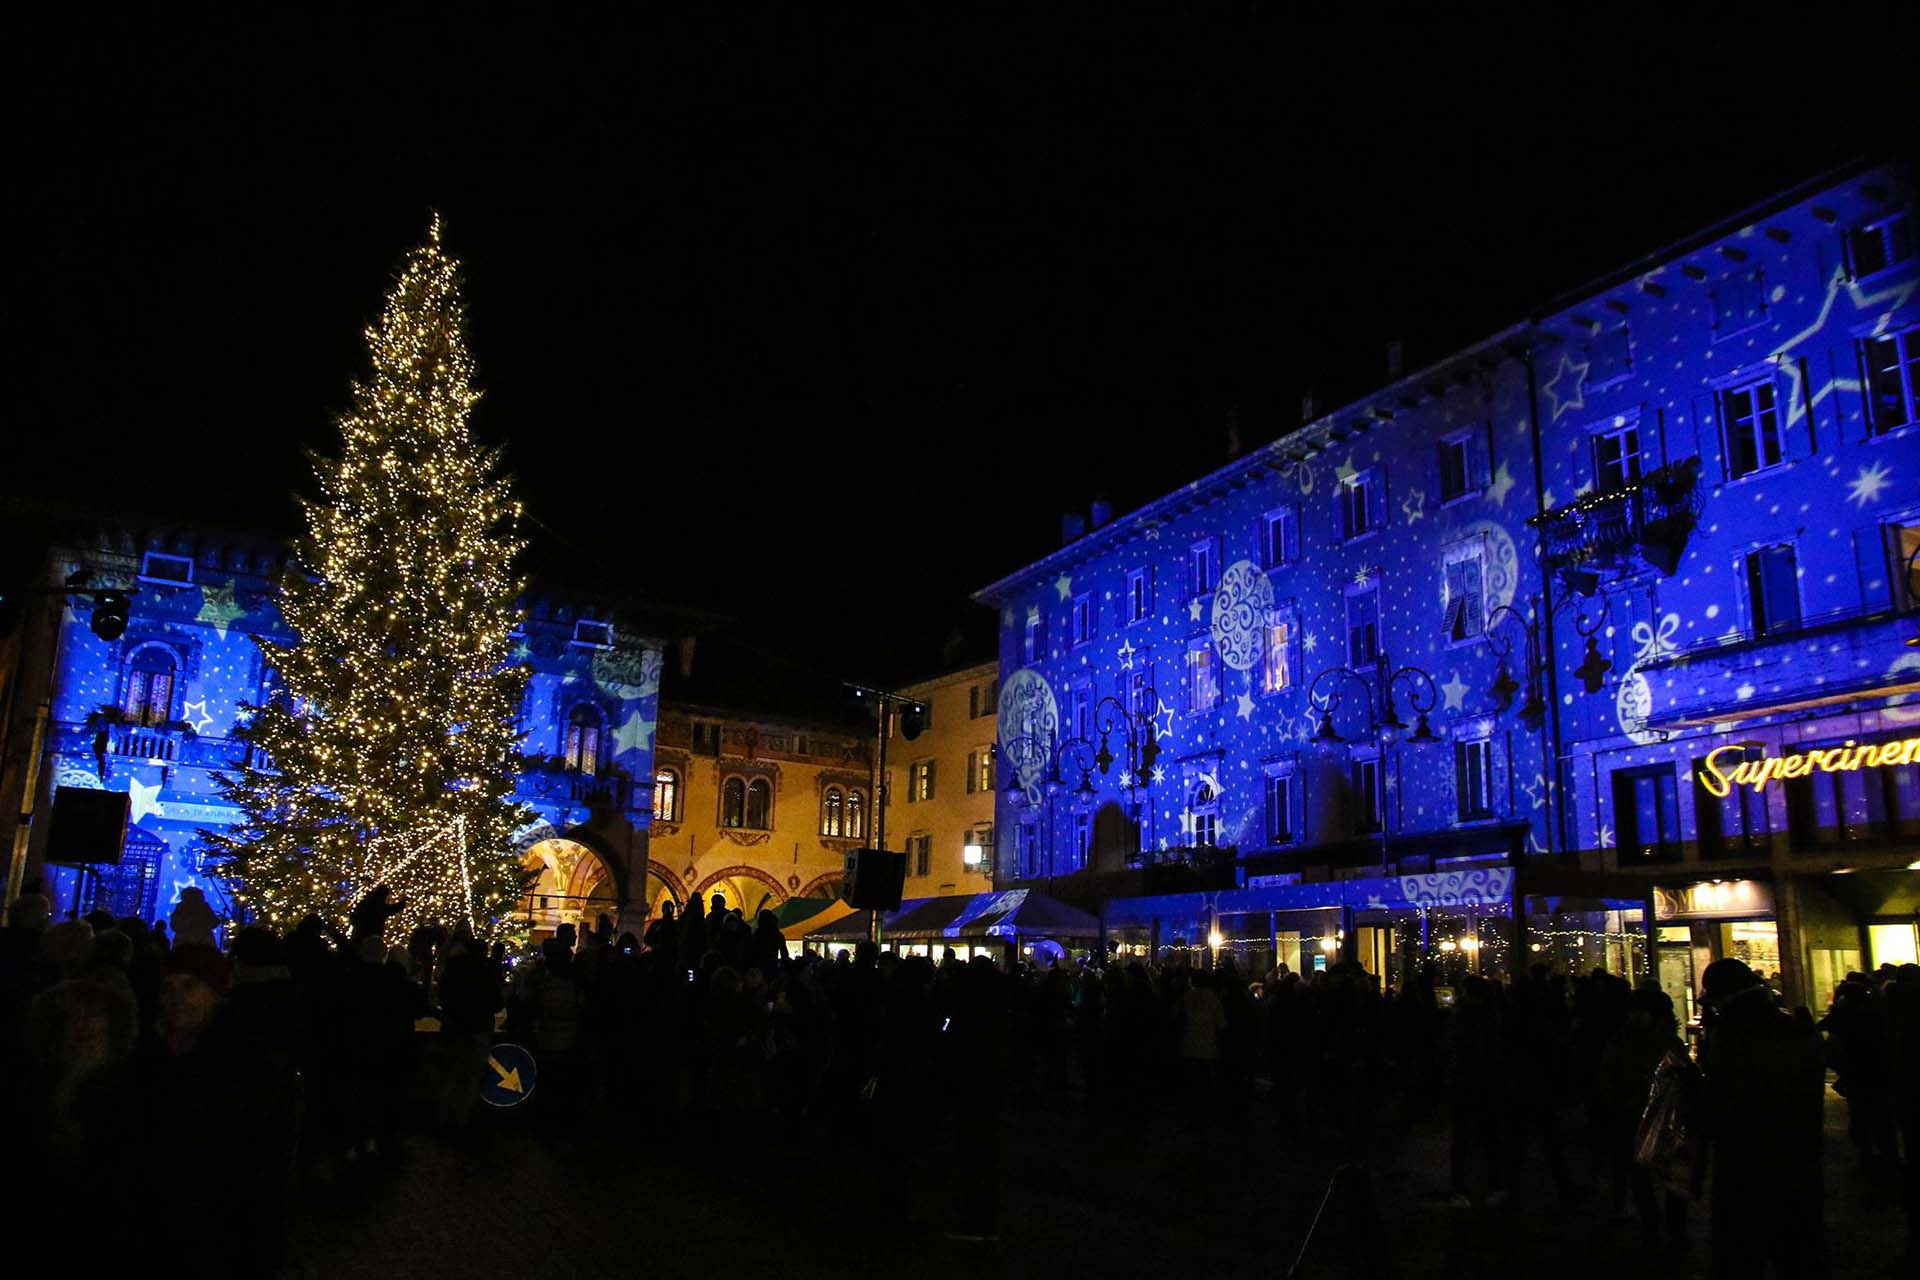 Rovereto_Natale dei Popoli (1)_FotoVisual4d